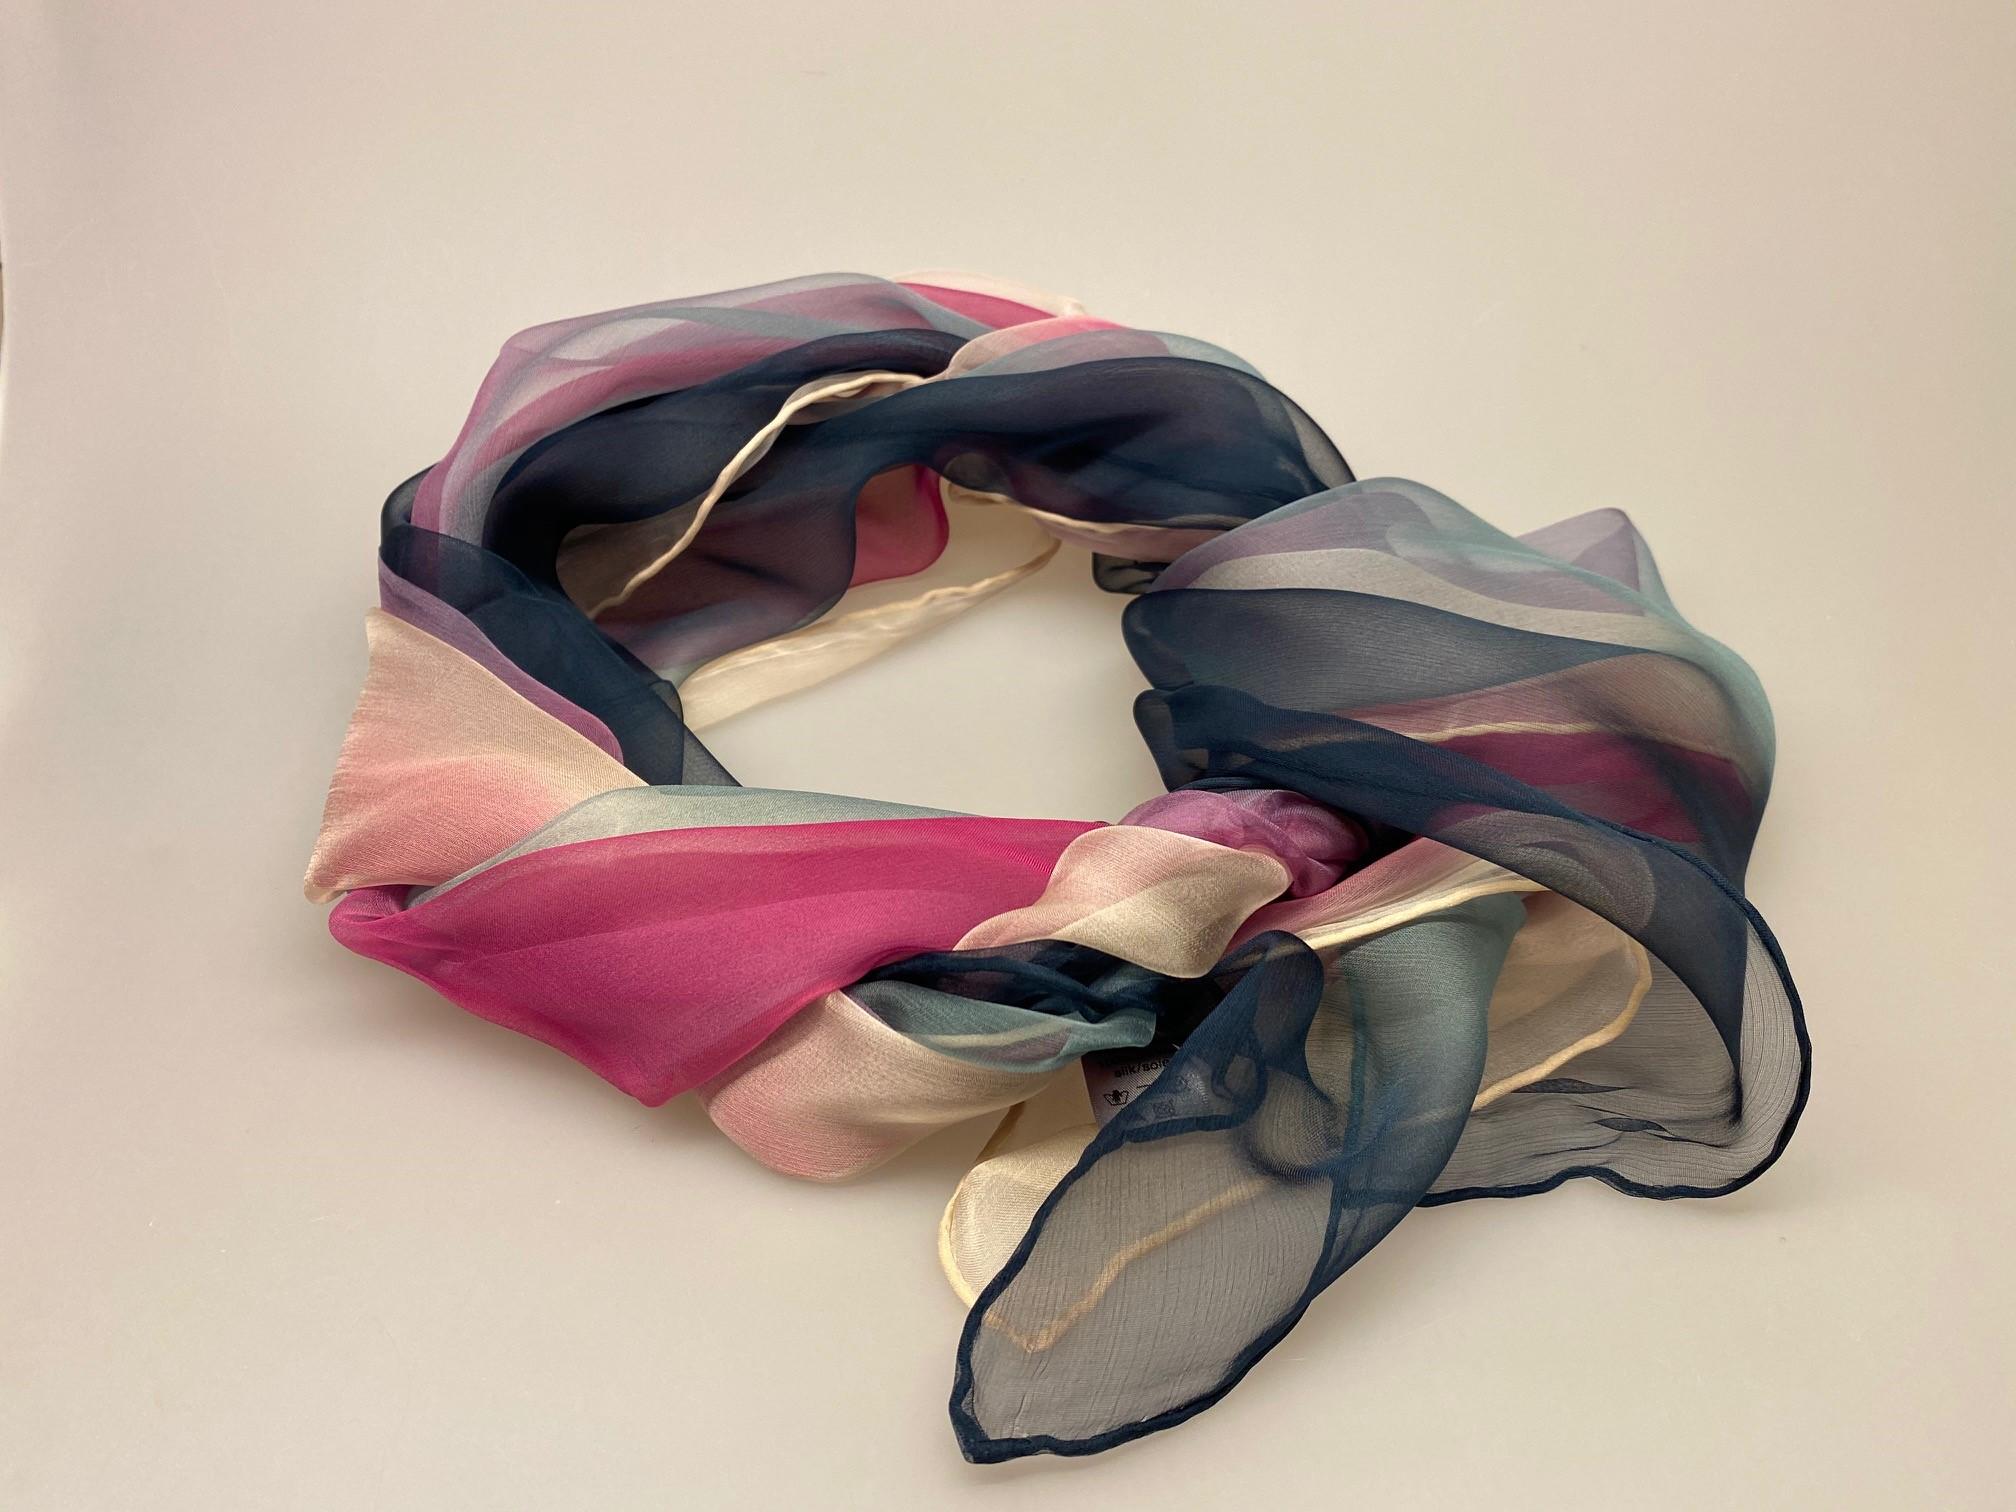 Silkechiffon Tørklæde 1158 - Marineblå/Pink/Pudder, 1158-242